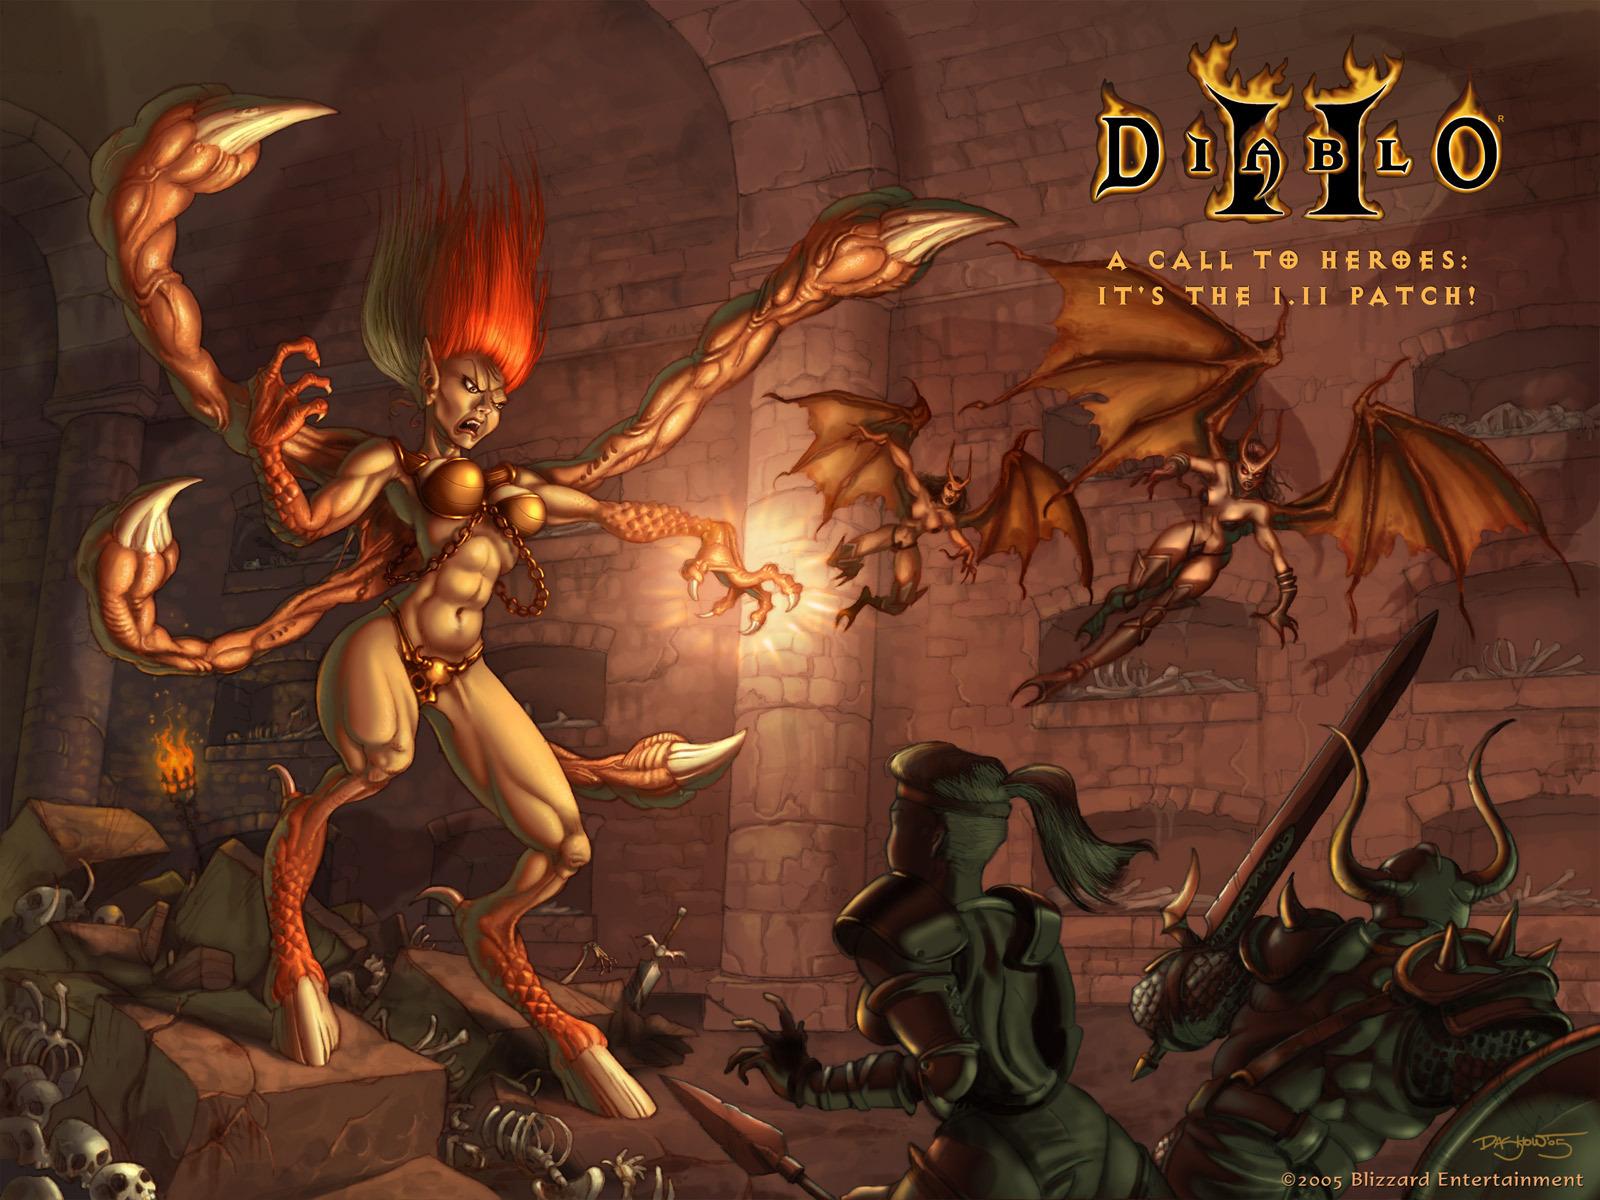 Diablo Diablo 2 Wallpaper